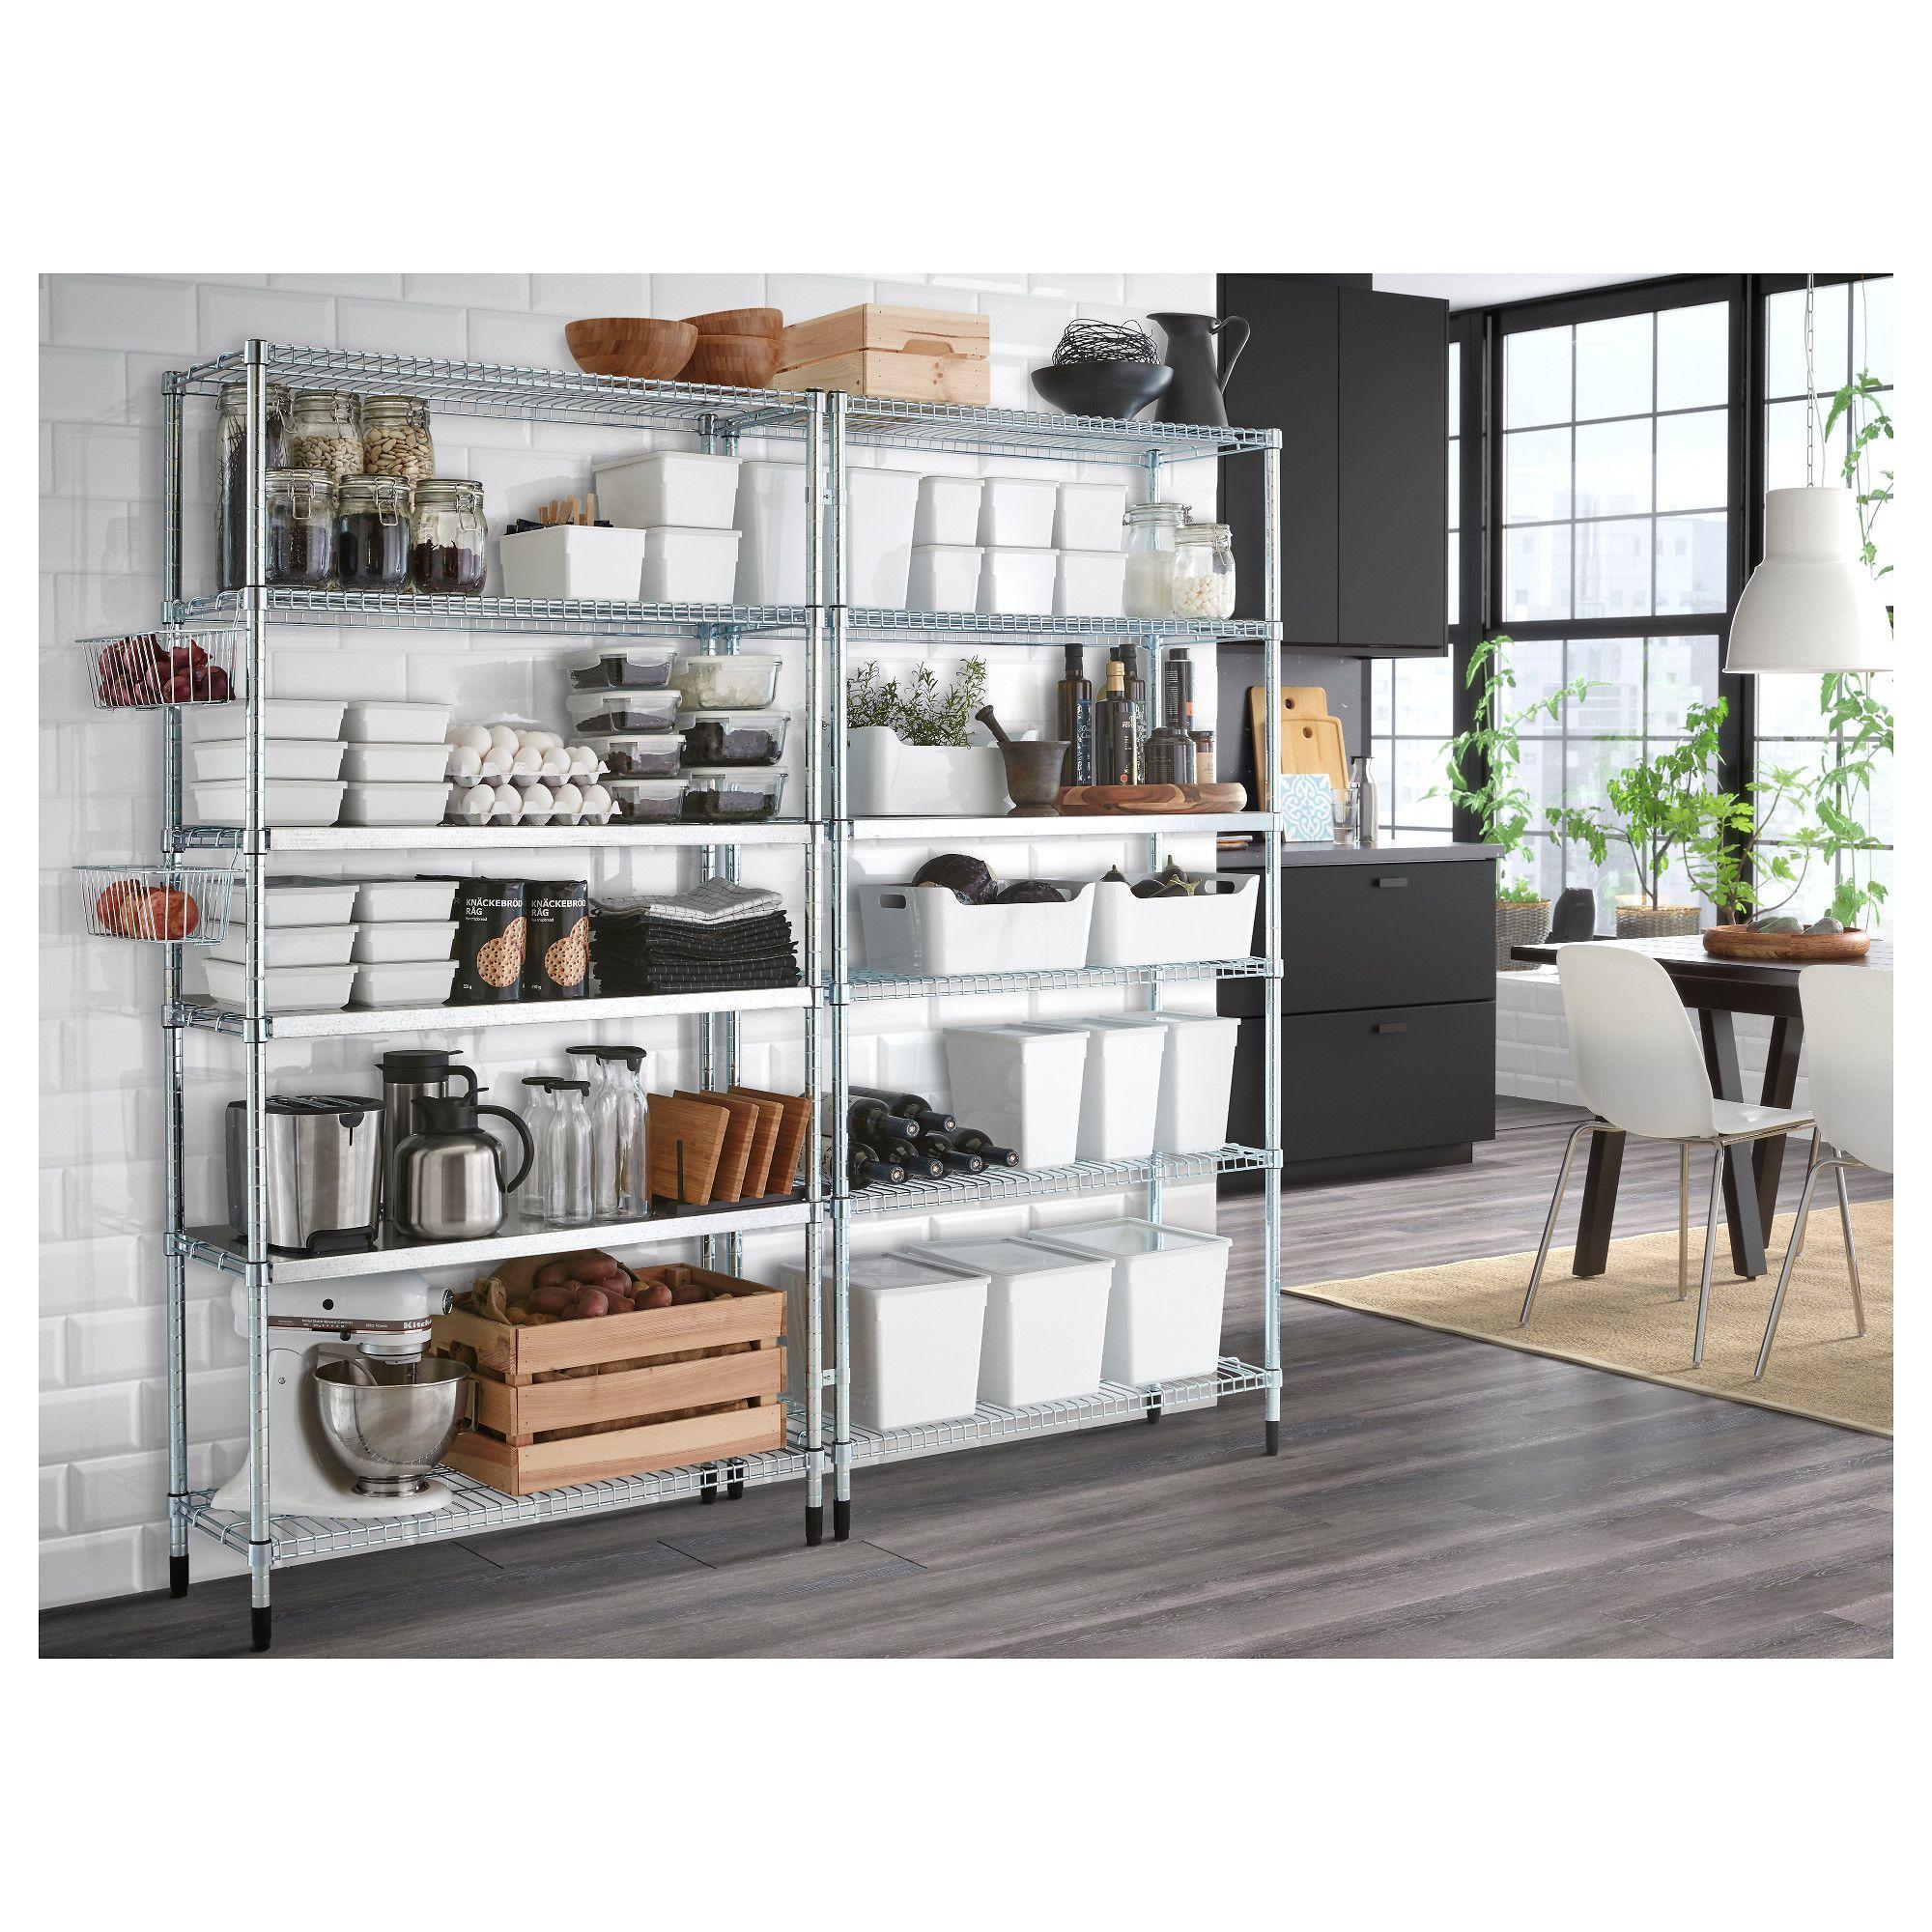 Møbler og interiør til hele hjemmet IKEA